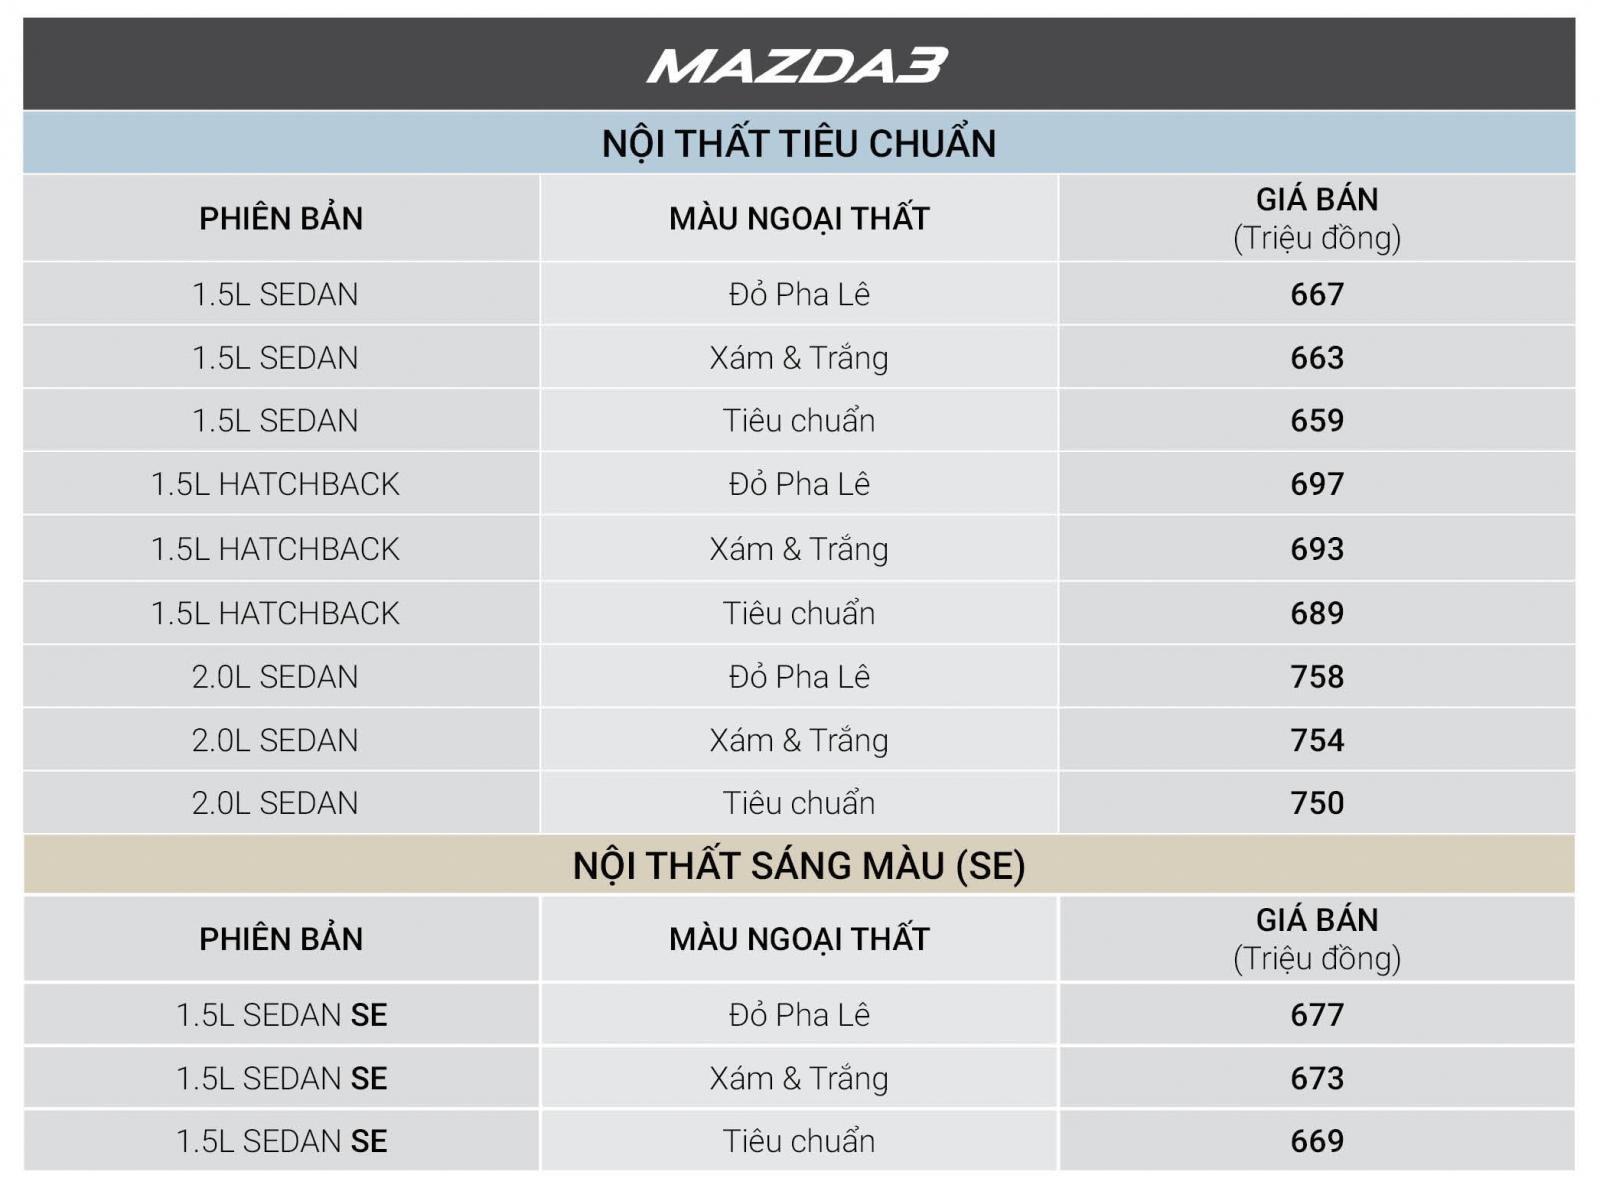 Tháng 12/2018, tất cả xe Mazda được giảm giá cao nhất đến 30 triệu đồng a5